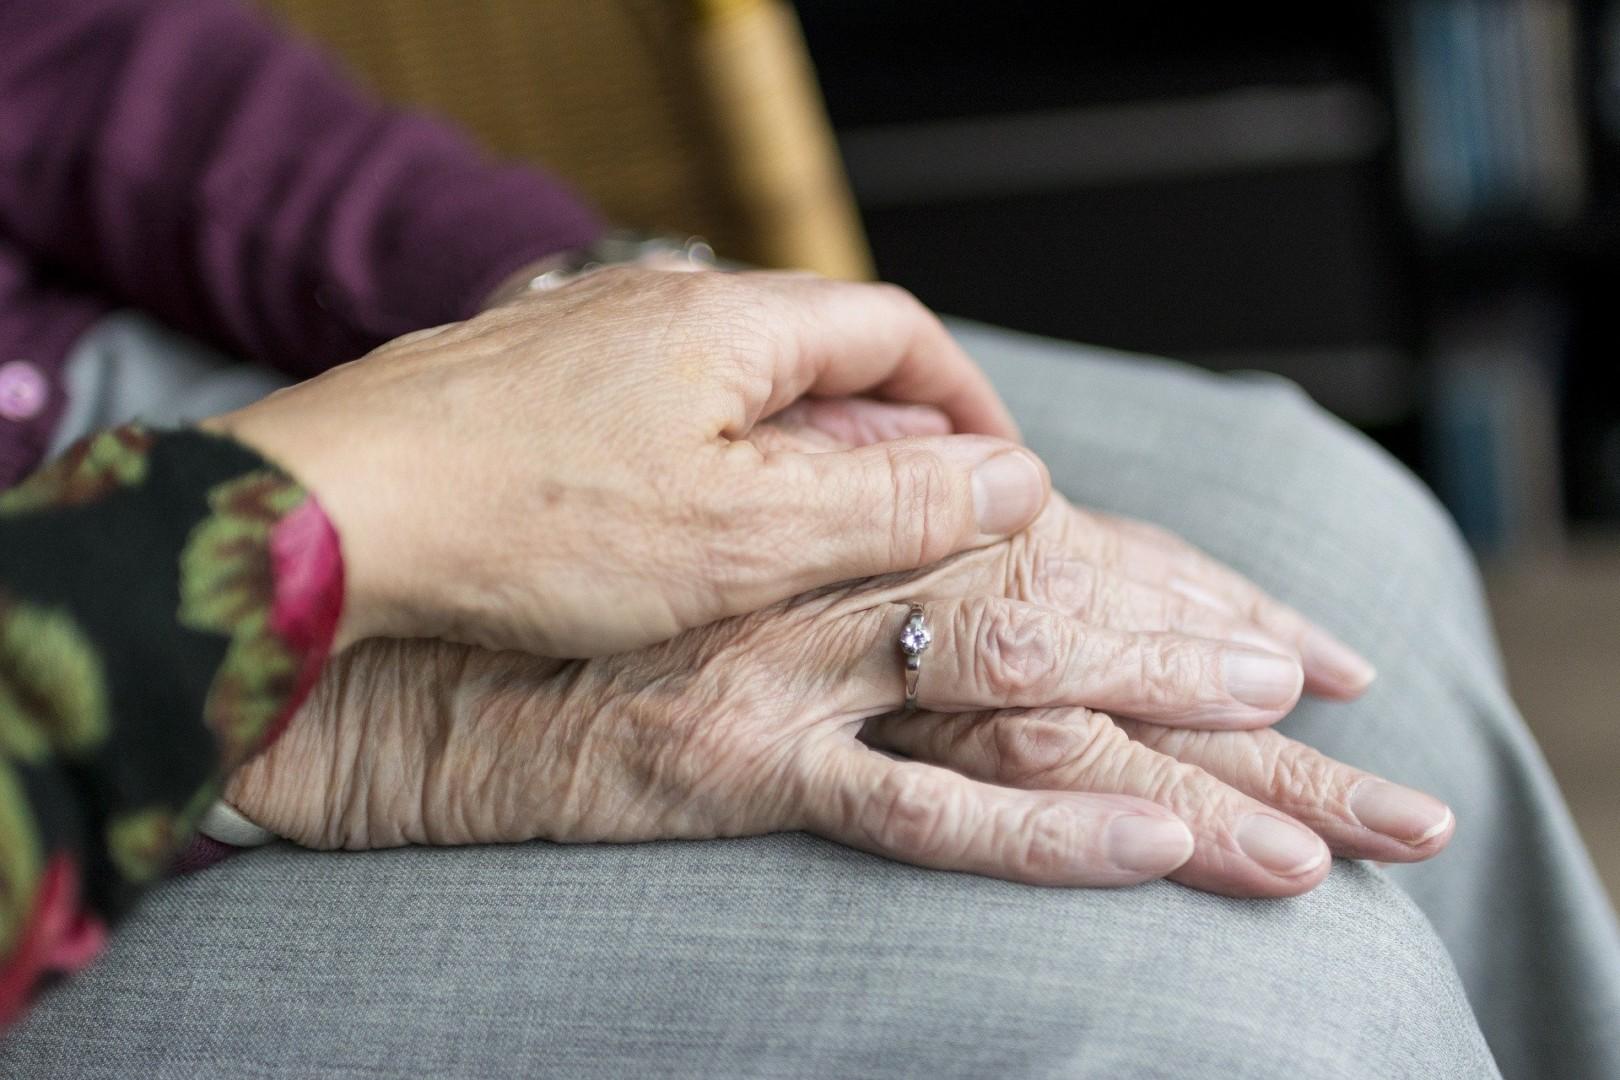 Sundplejen ApS er valgt som ny leverandør af personlig pleje og praktisk bistand